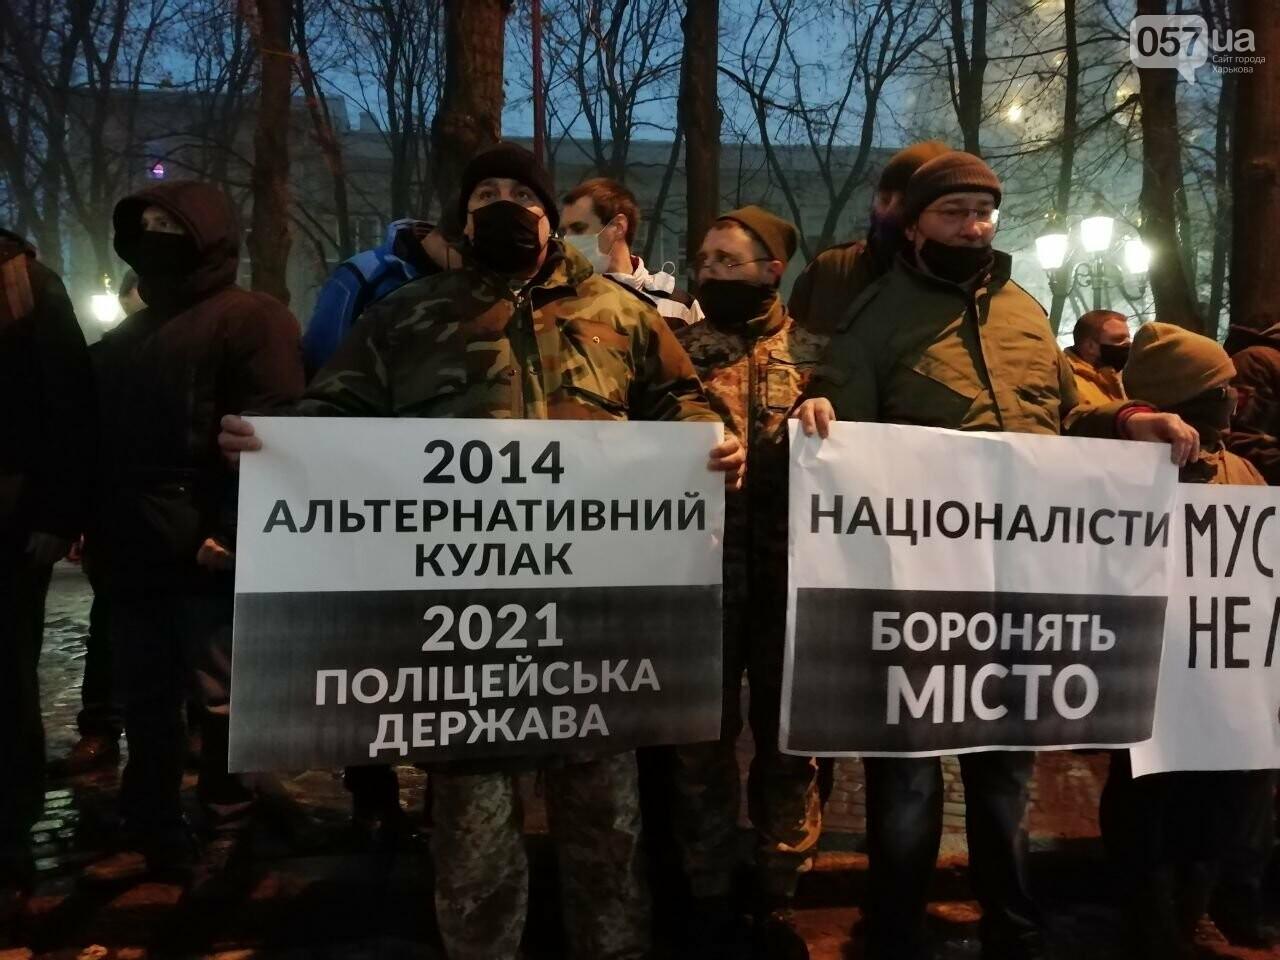 «Мусора - не люди»: из-за слов Авакова в центре Харькова активисты пикетировали облуправление полиции, - ФОТО, фото-12